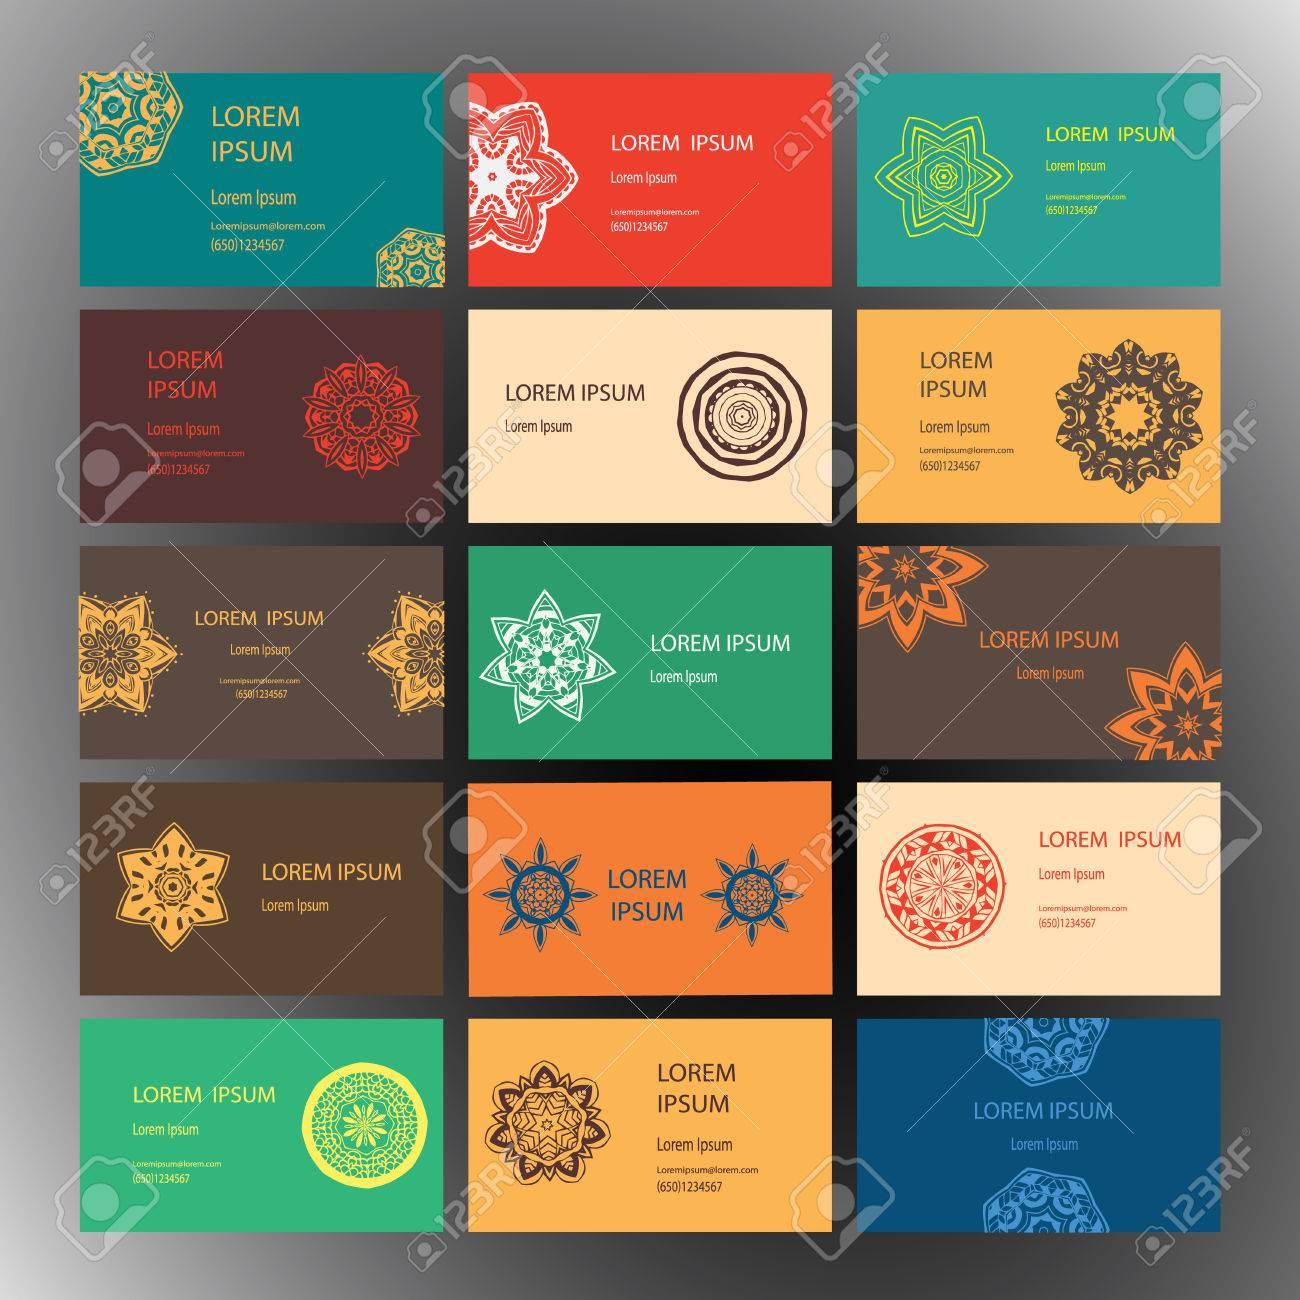 Jeu De Cartes Visite Et Dinvitation Modles Avec Ornement En Dentelle Vecteur Fond Indien Lislam Arabe Motifs Ottomans